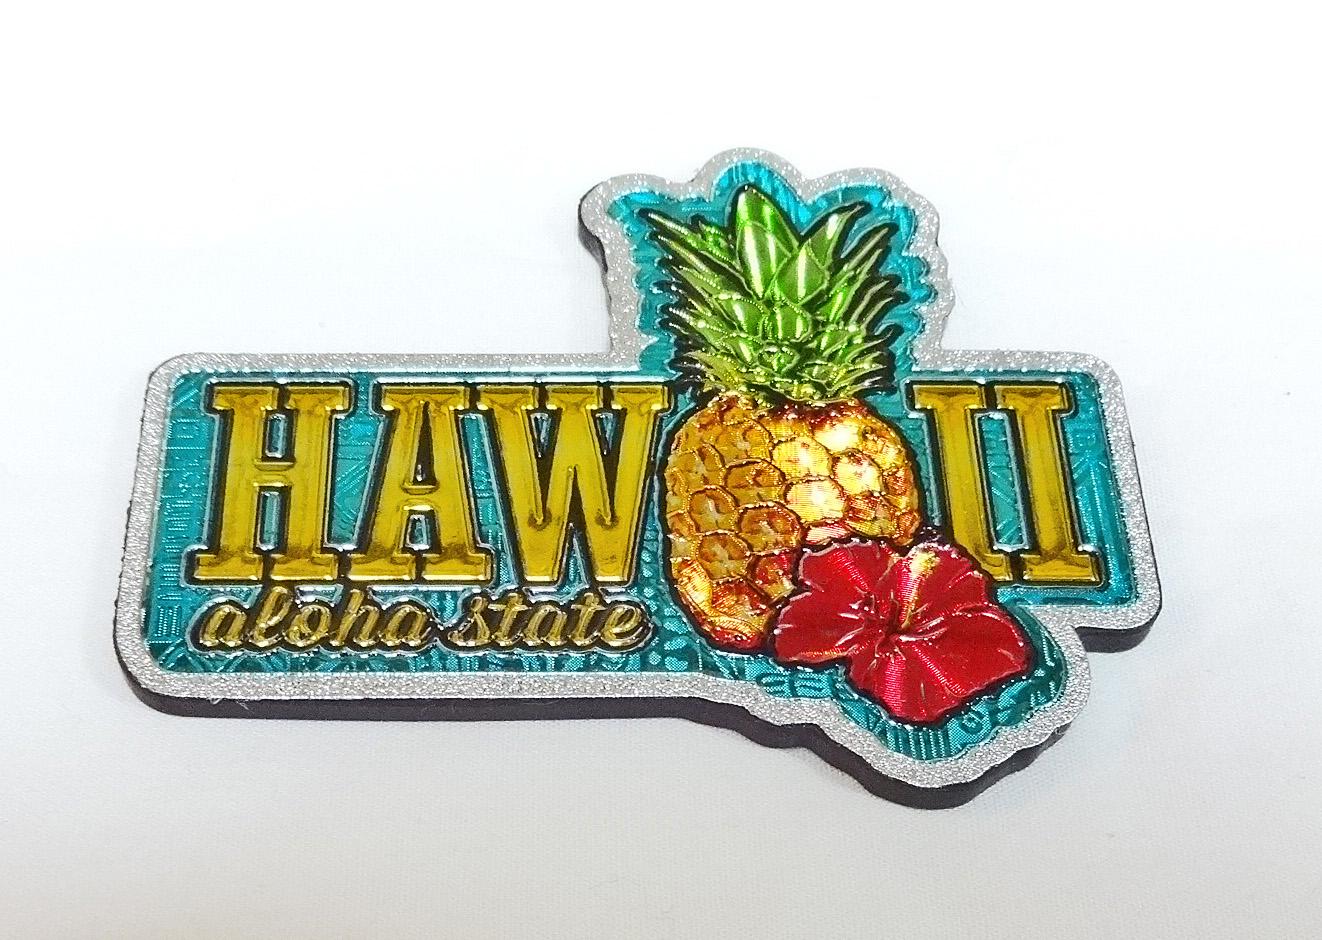 ハワイアンマグネット/ハワイアンパイナップル